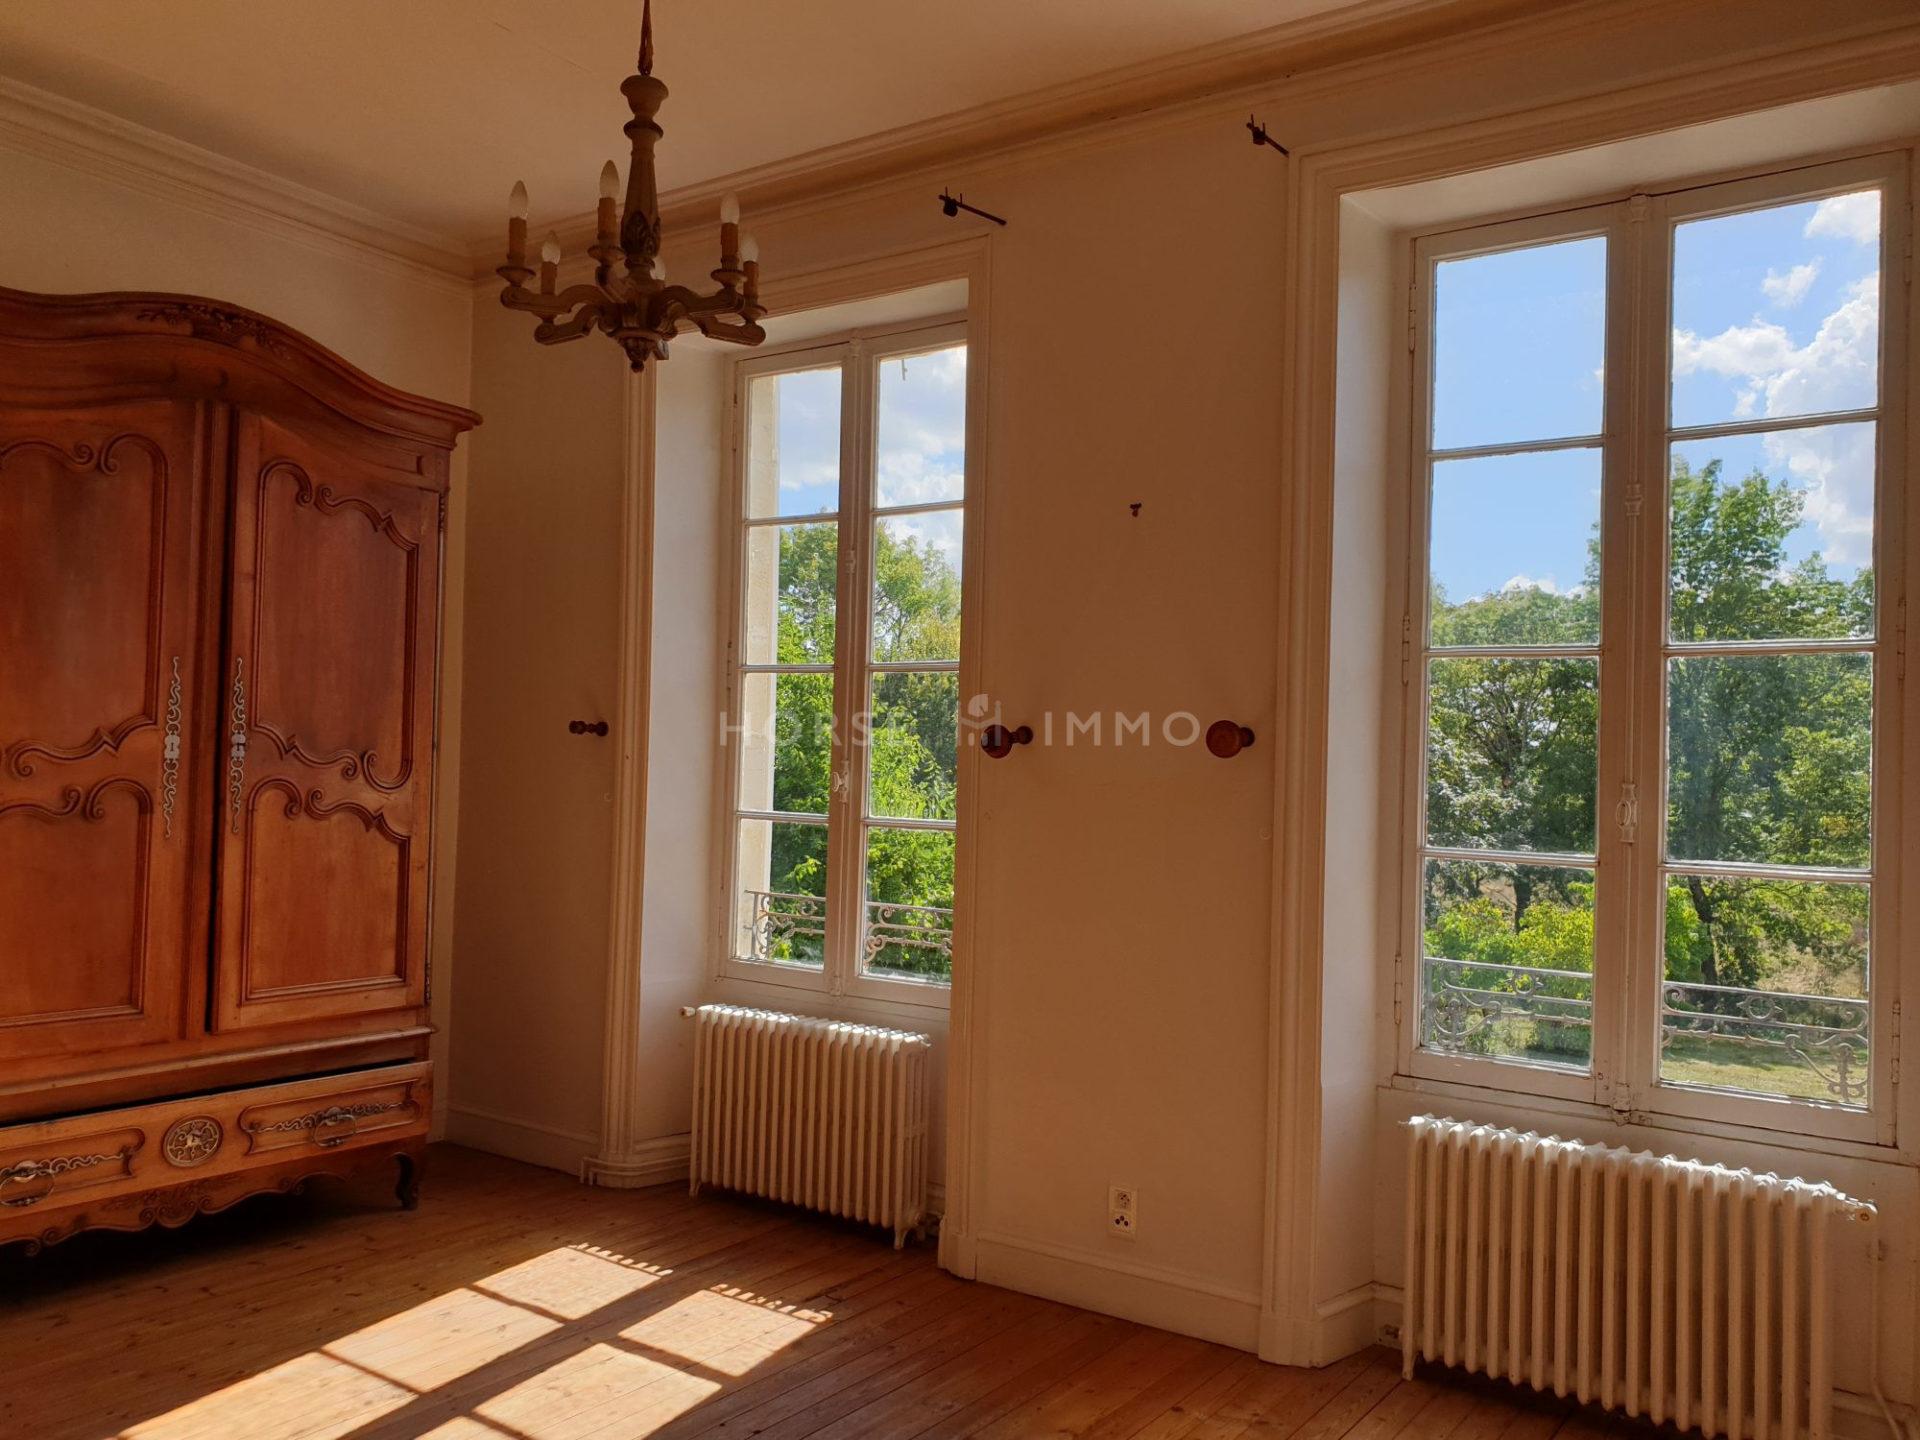 1614338455 VM1666 14 original 1920x1440 - Château et ses 2 logements sur 30ha clos de murs